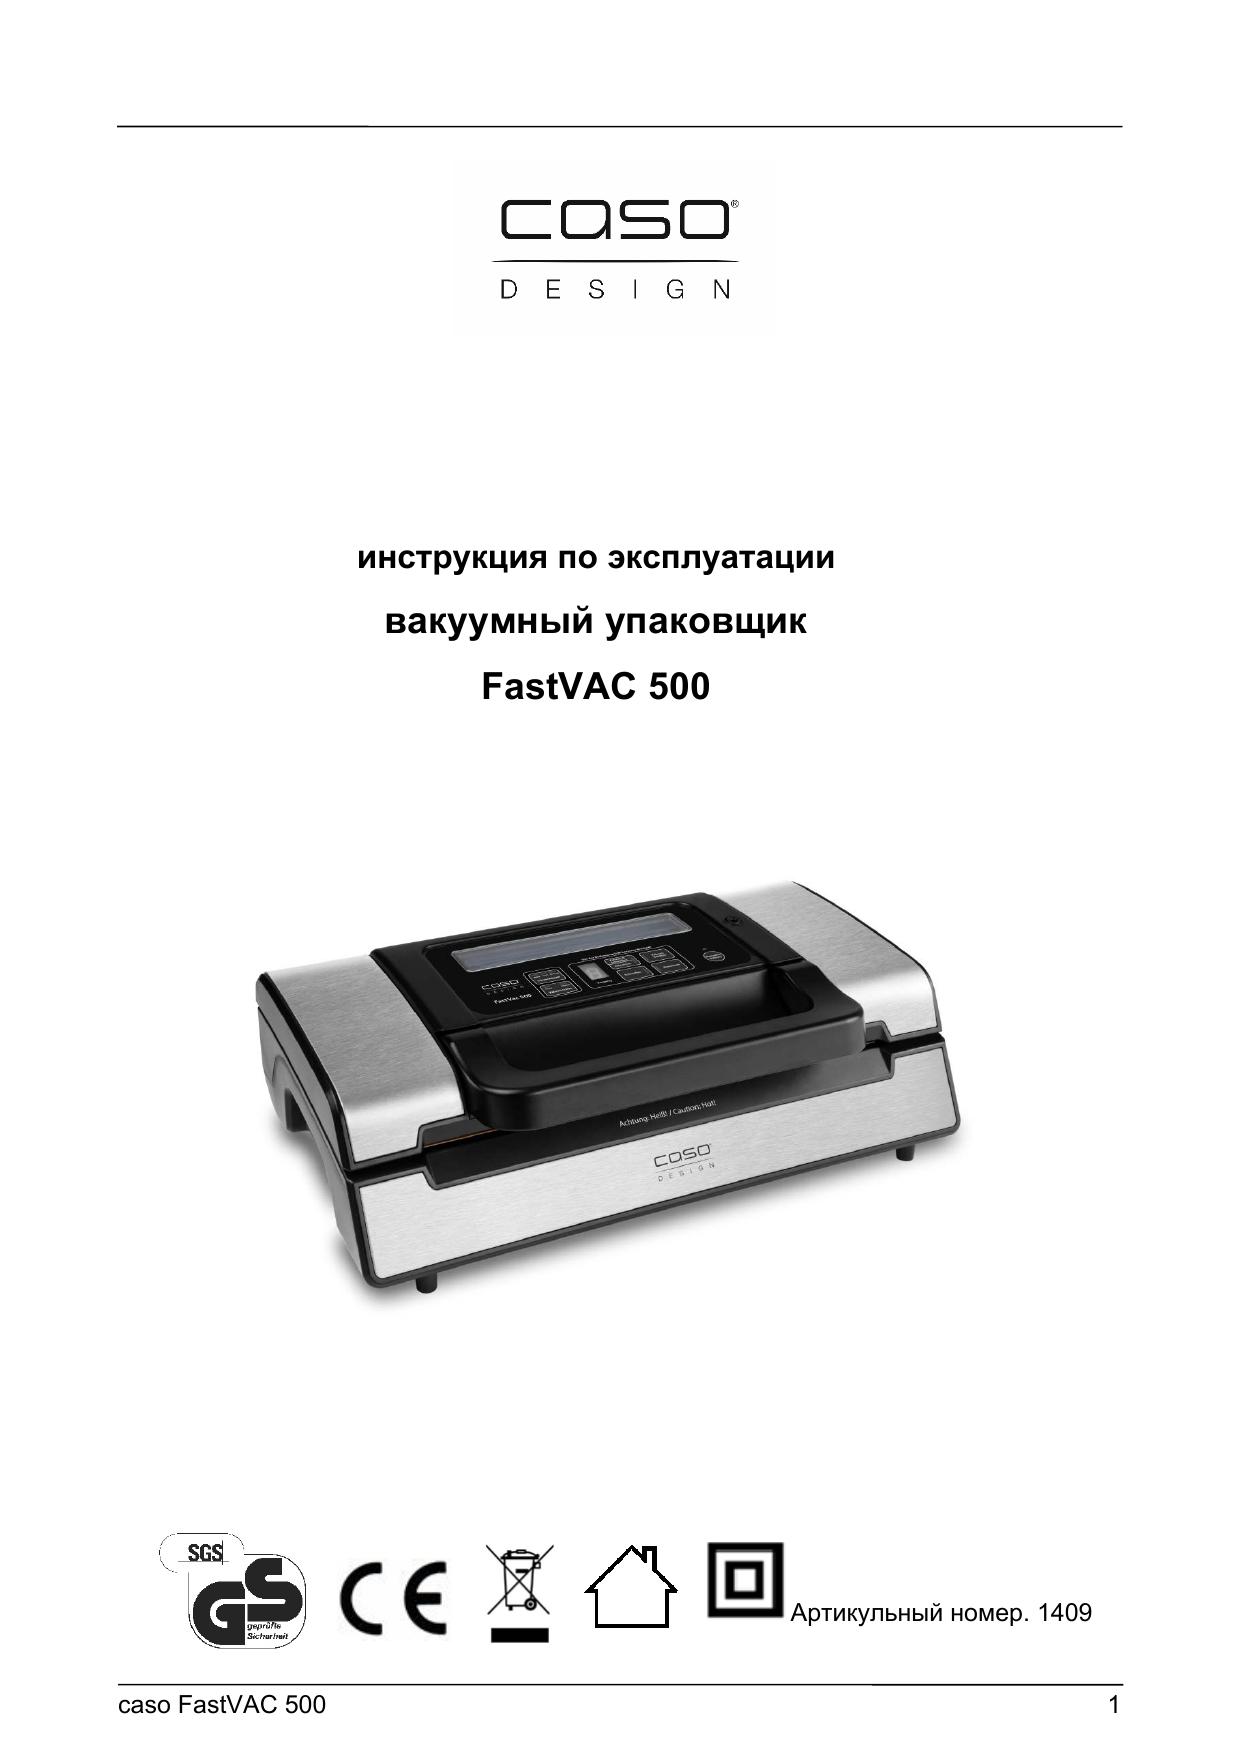 Вакуумный упаковщик caso инструкция реклама женского нижнего белья слоган